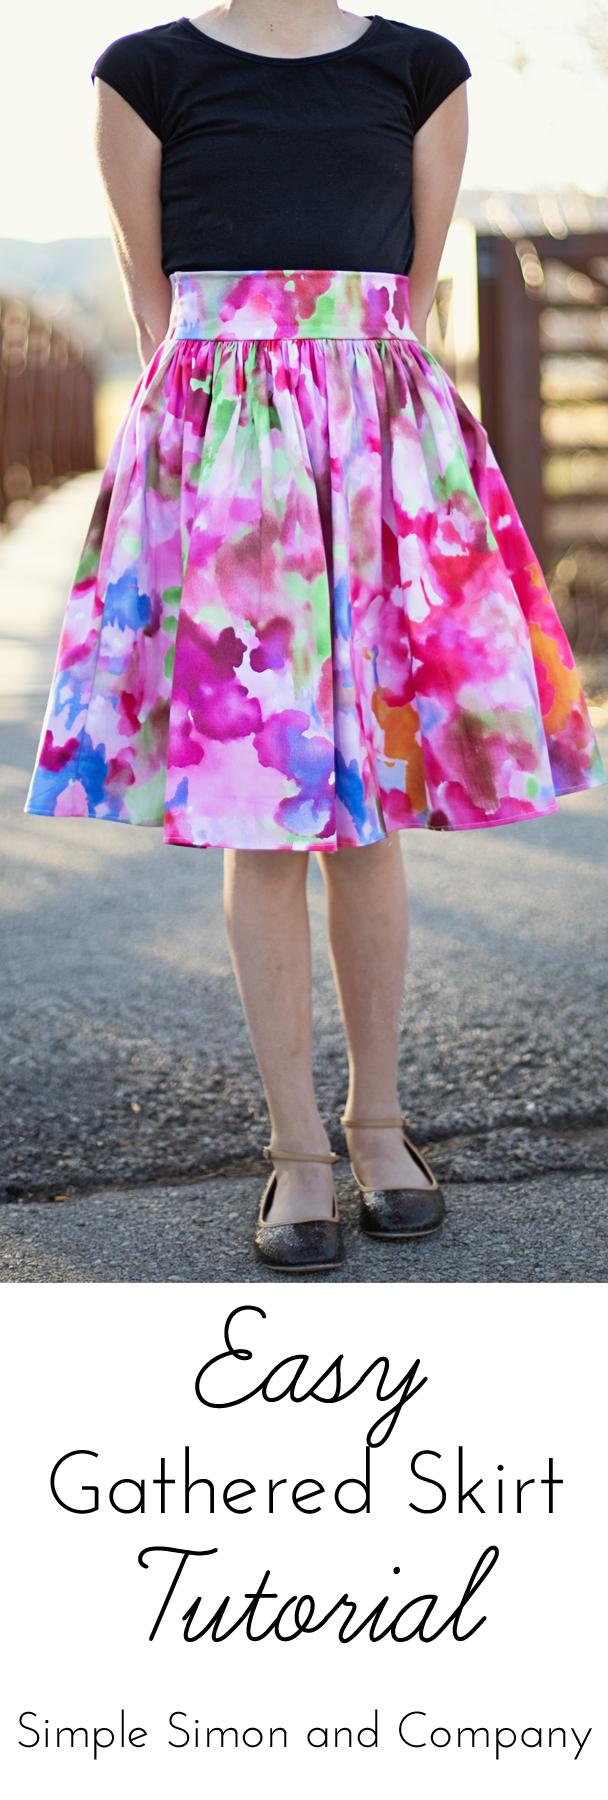 Easy Gathered Skirt Tutorial